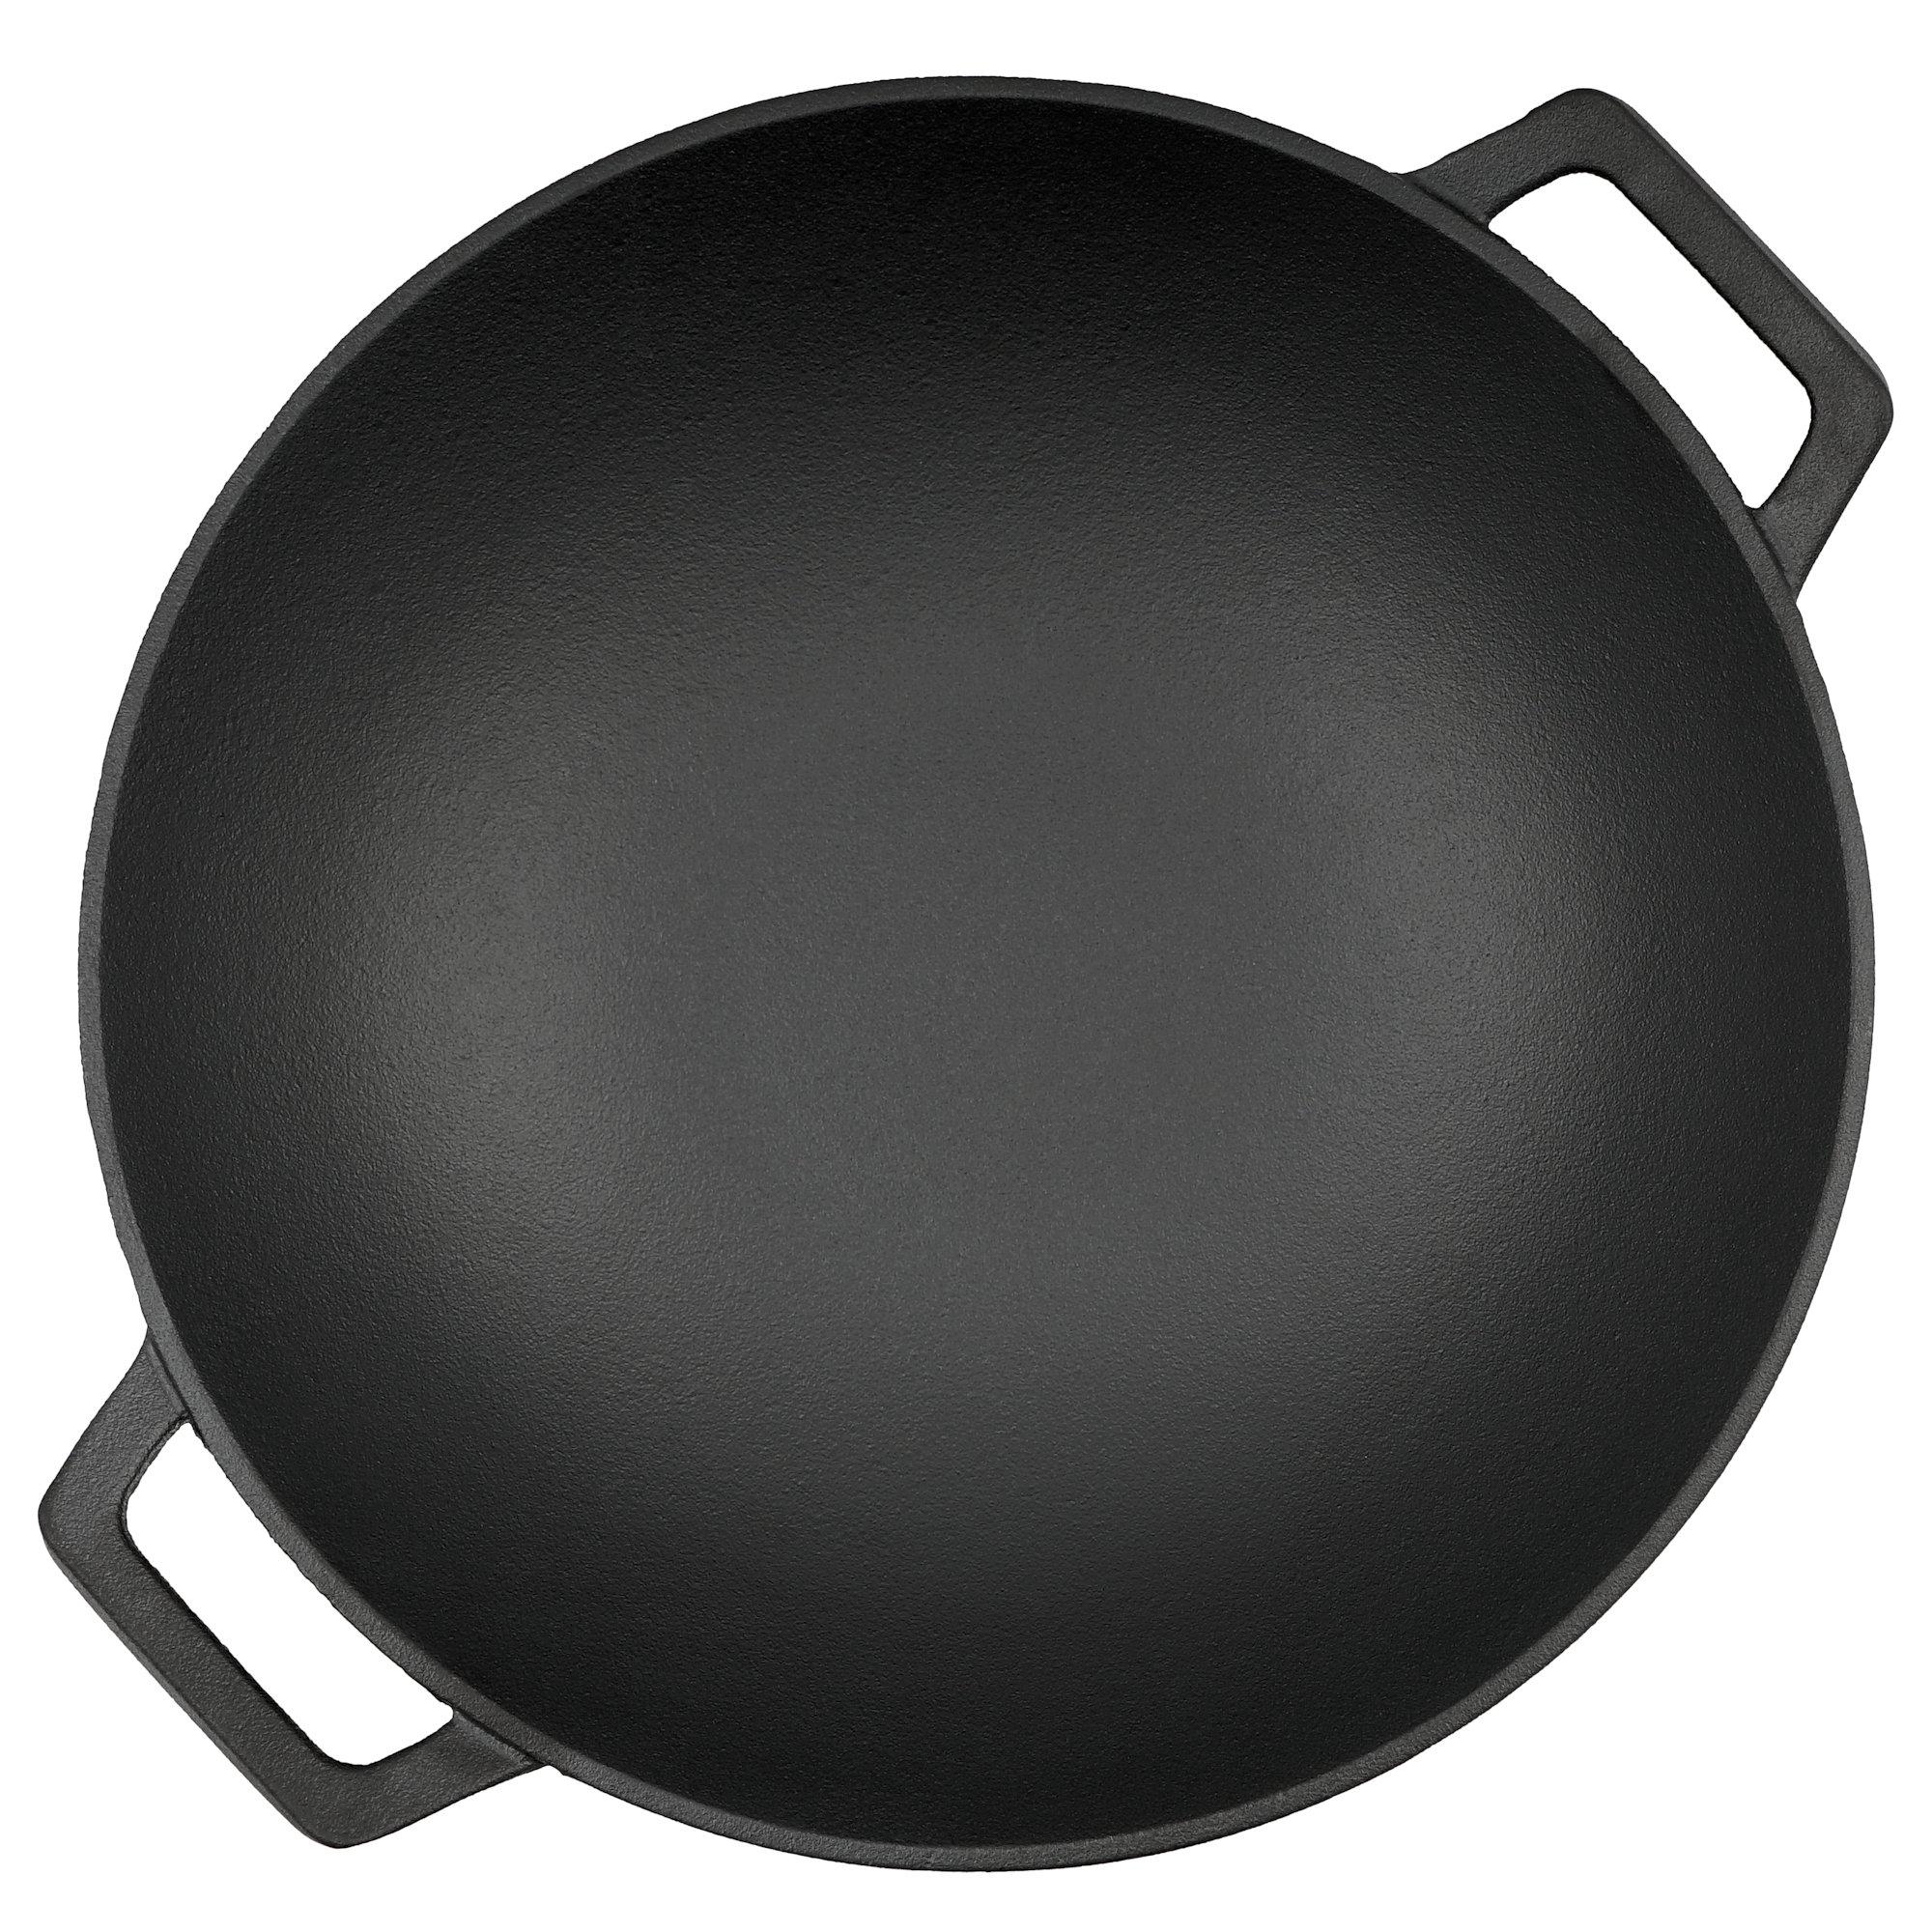 bbq toro wok pfanne 35 5 cm asiatische gusseisen china. Black Bedroom Furniture Sets. Home Design Ideas